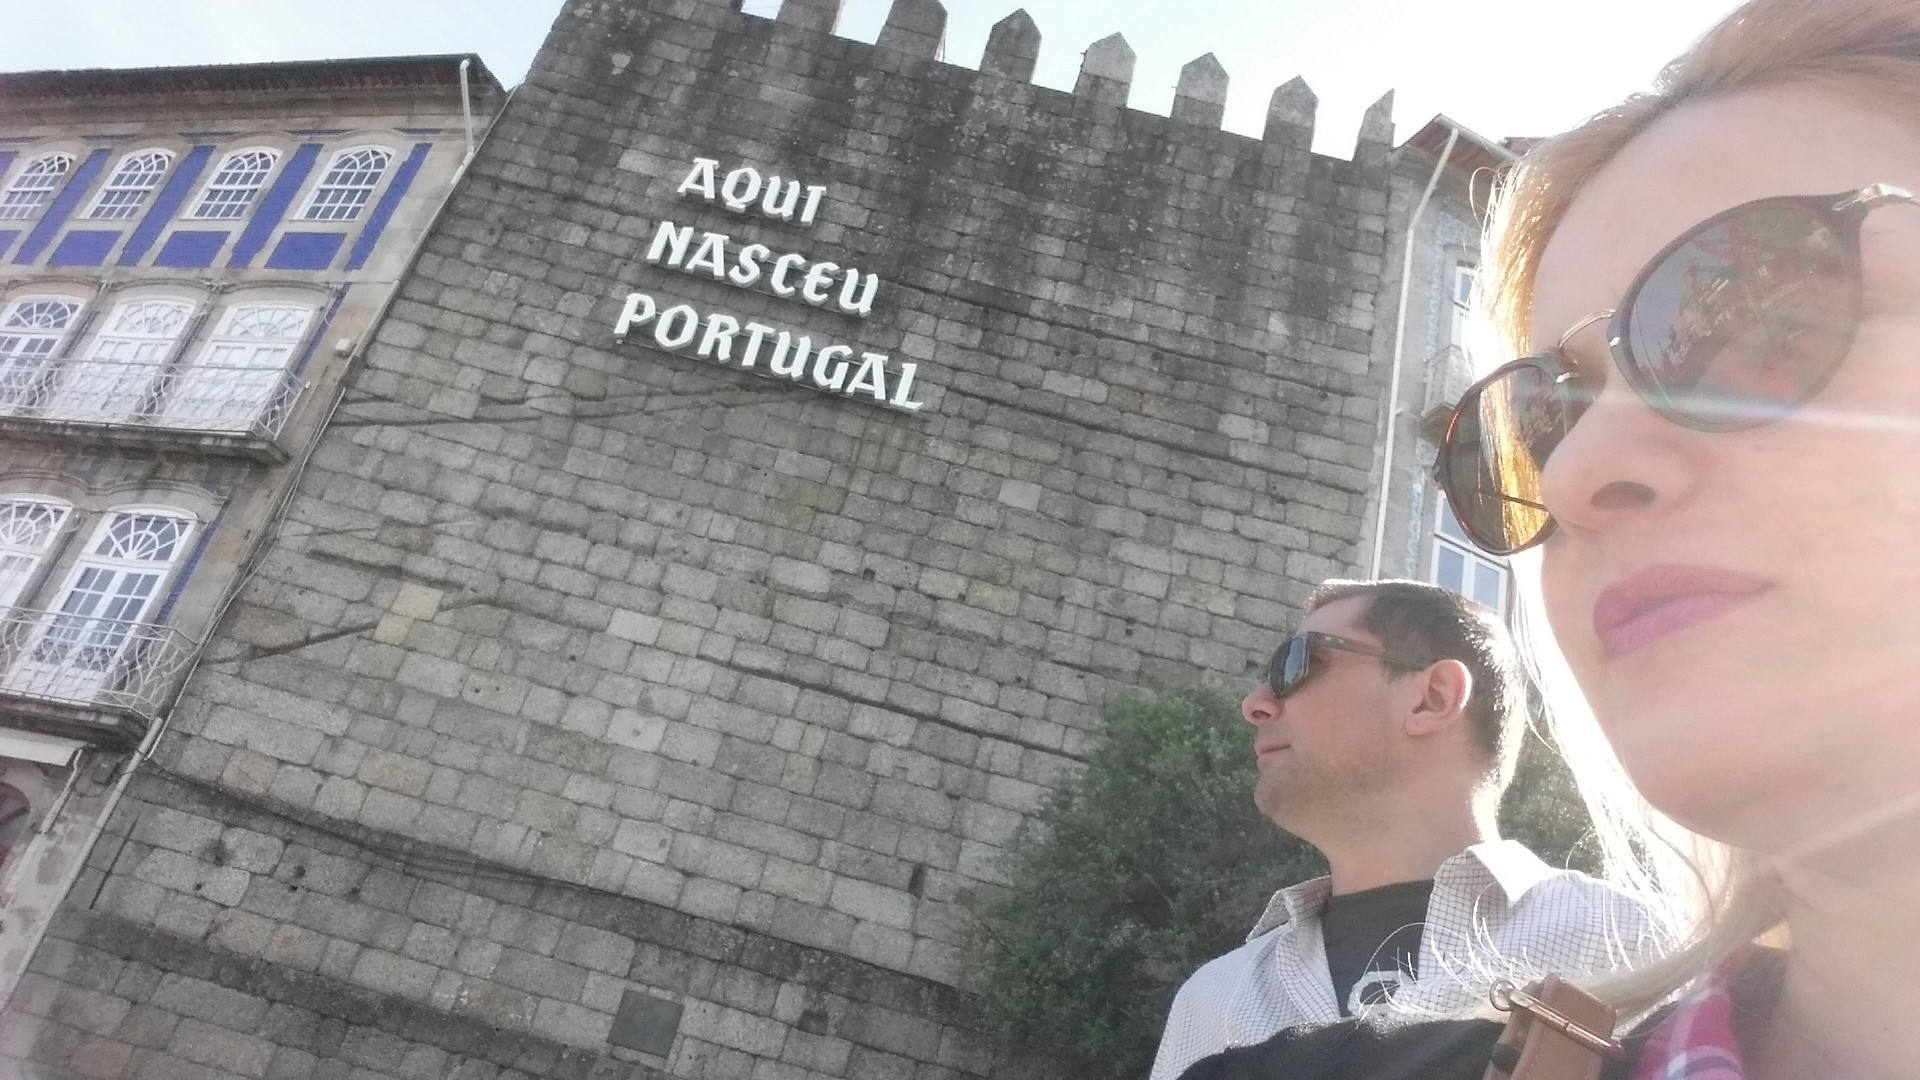 """Guimarães – """"Aqui nasceu Portugal"""""""